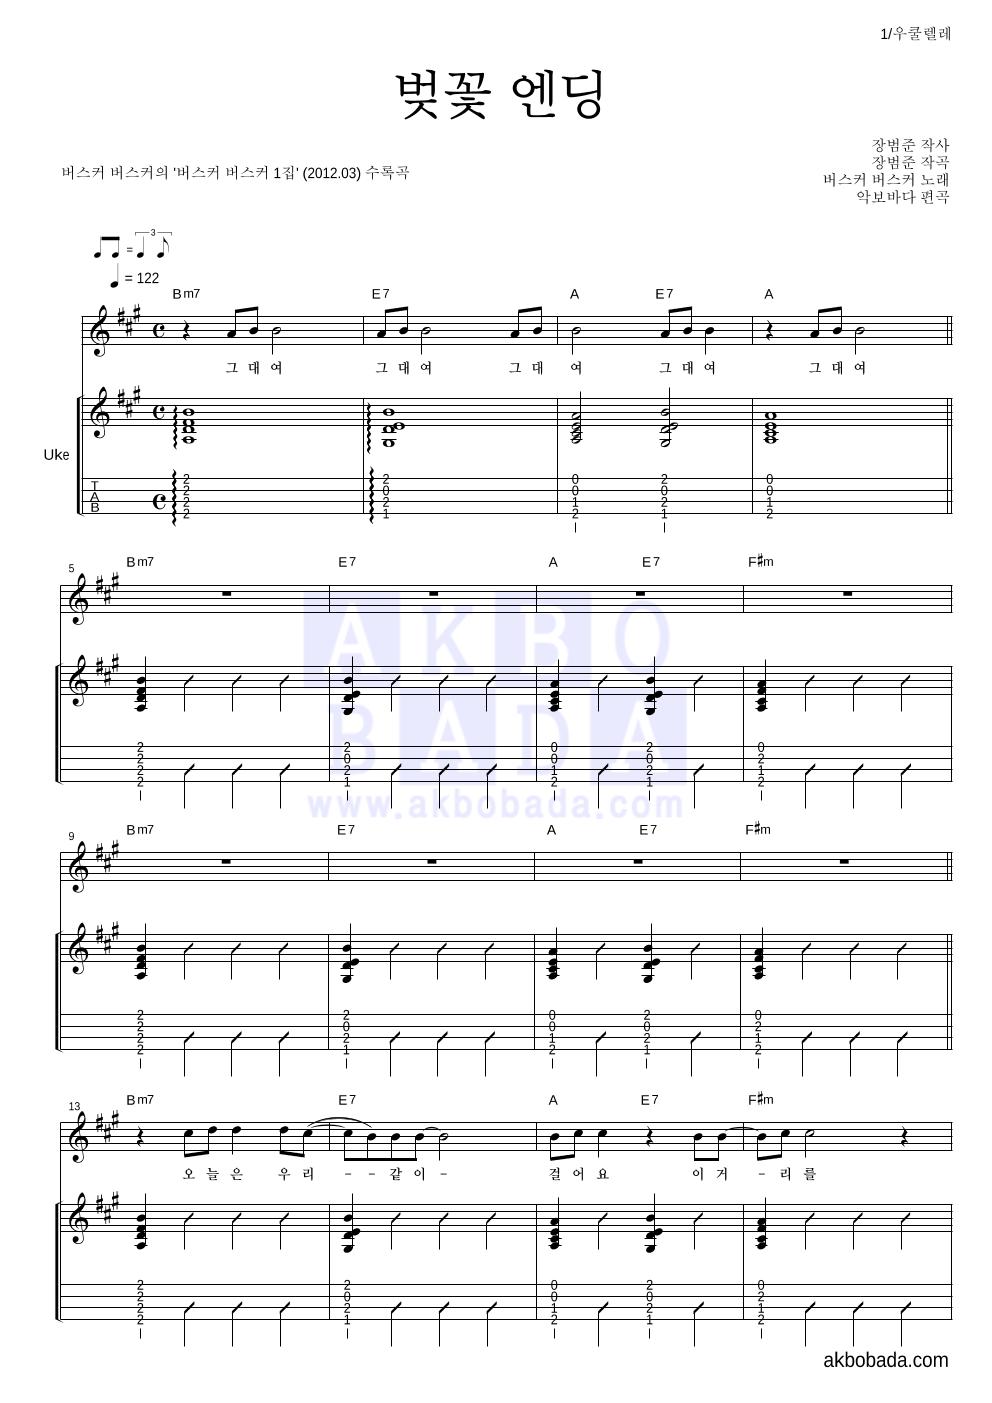 버스커 버스커 - 벚꽃 엔딩 우쿨렐레 악보